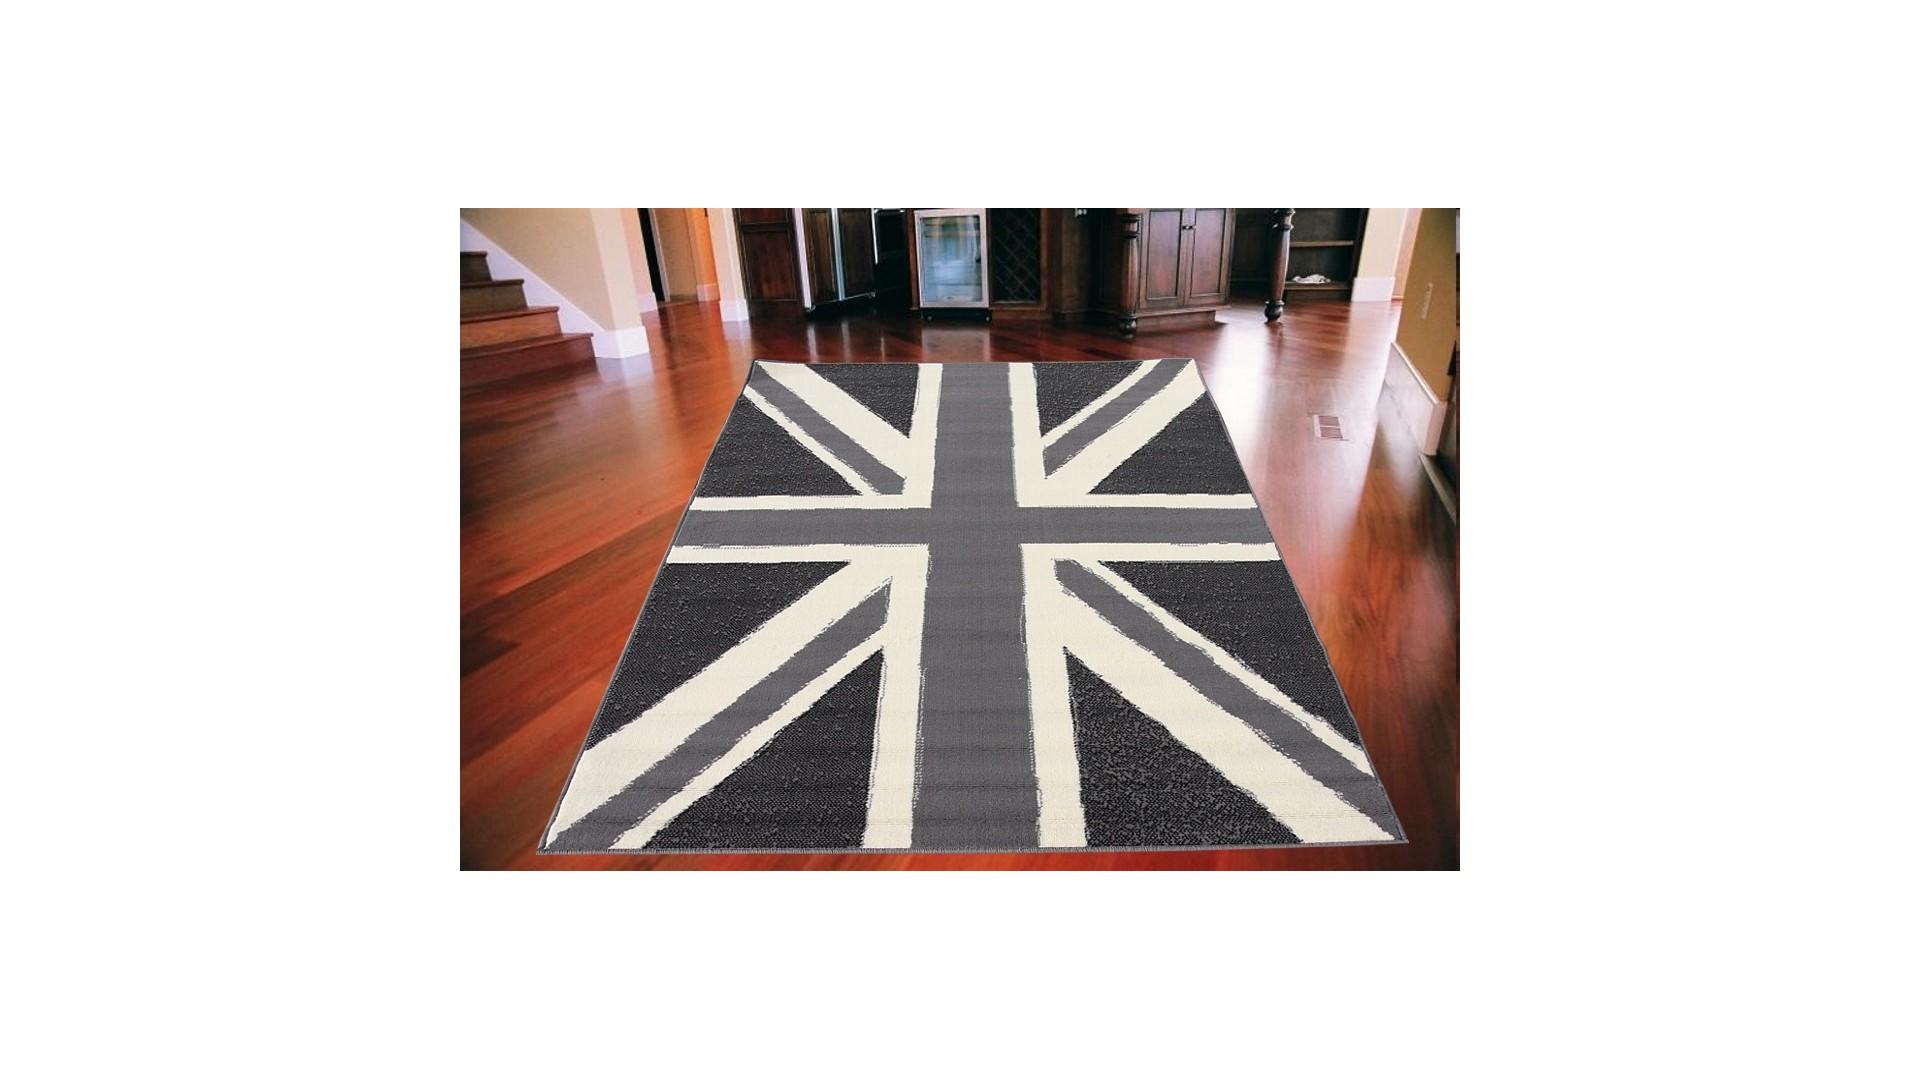 Nowoczesny dywan do każdego, modnego pomieszczenia.